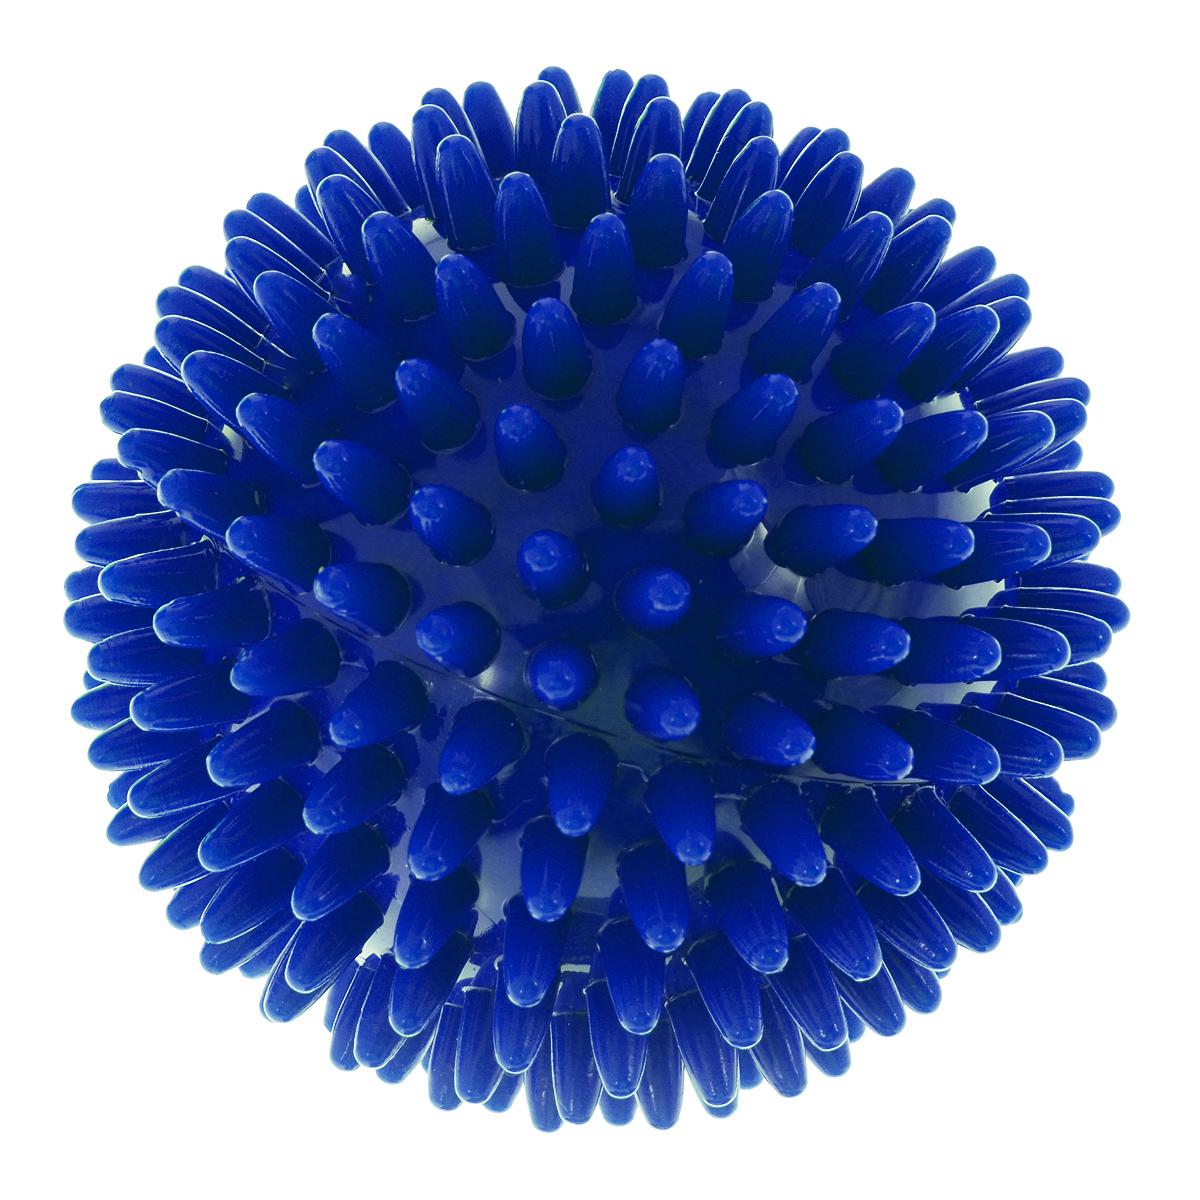 Игрушка для собак V.I.Pet Массажный мяч, цвет: синий, диаметр 8 см